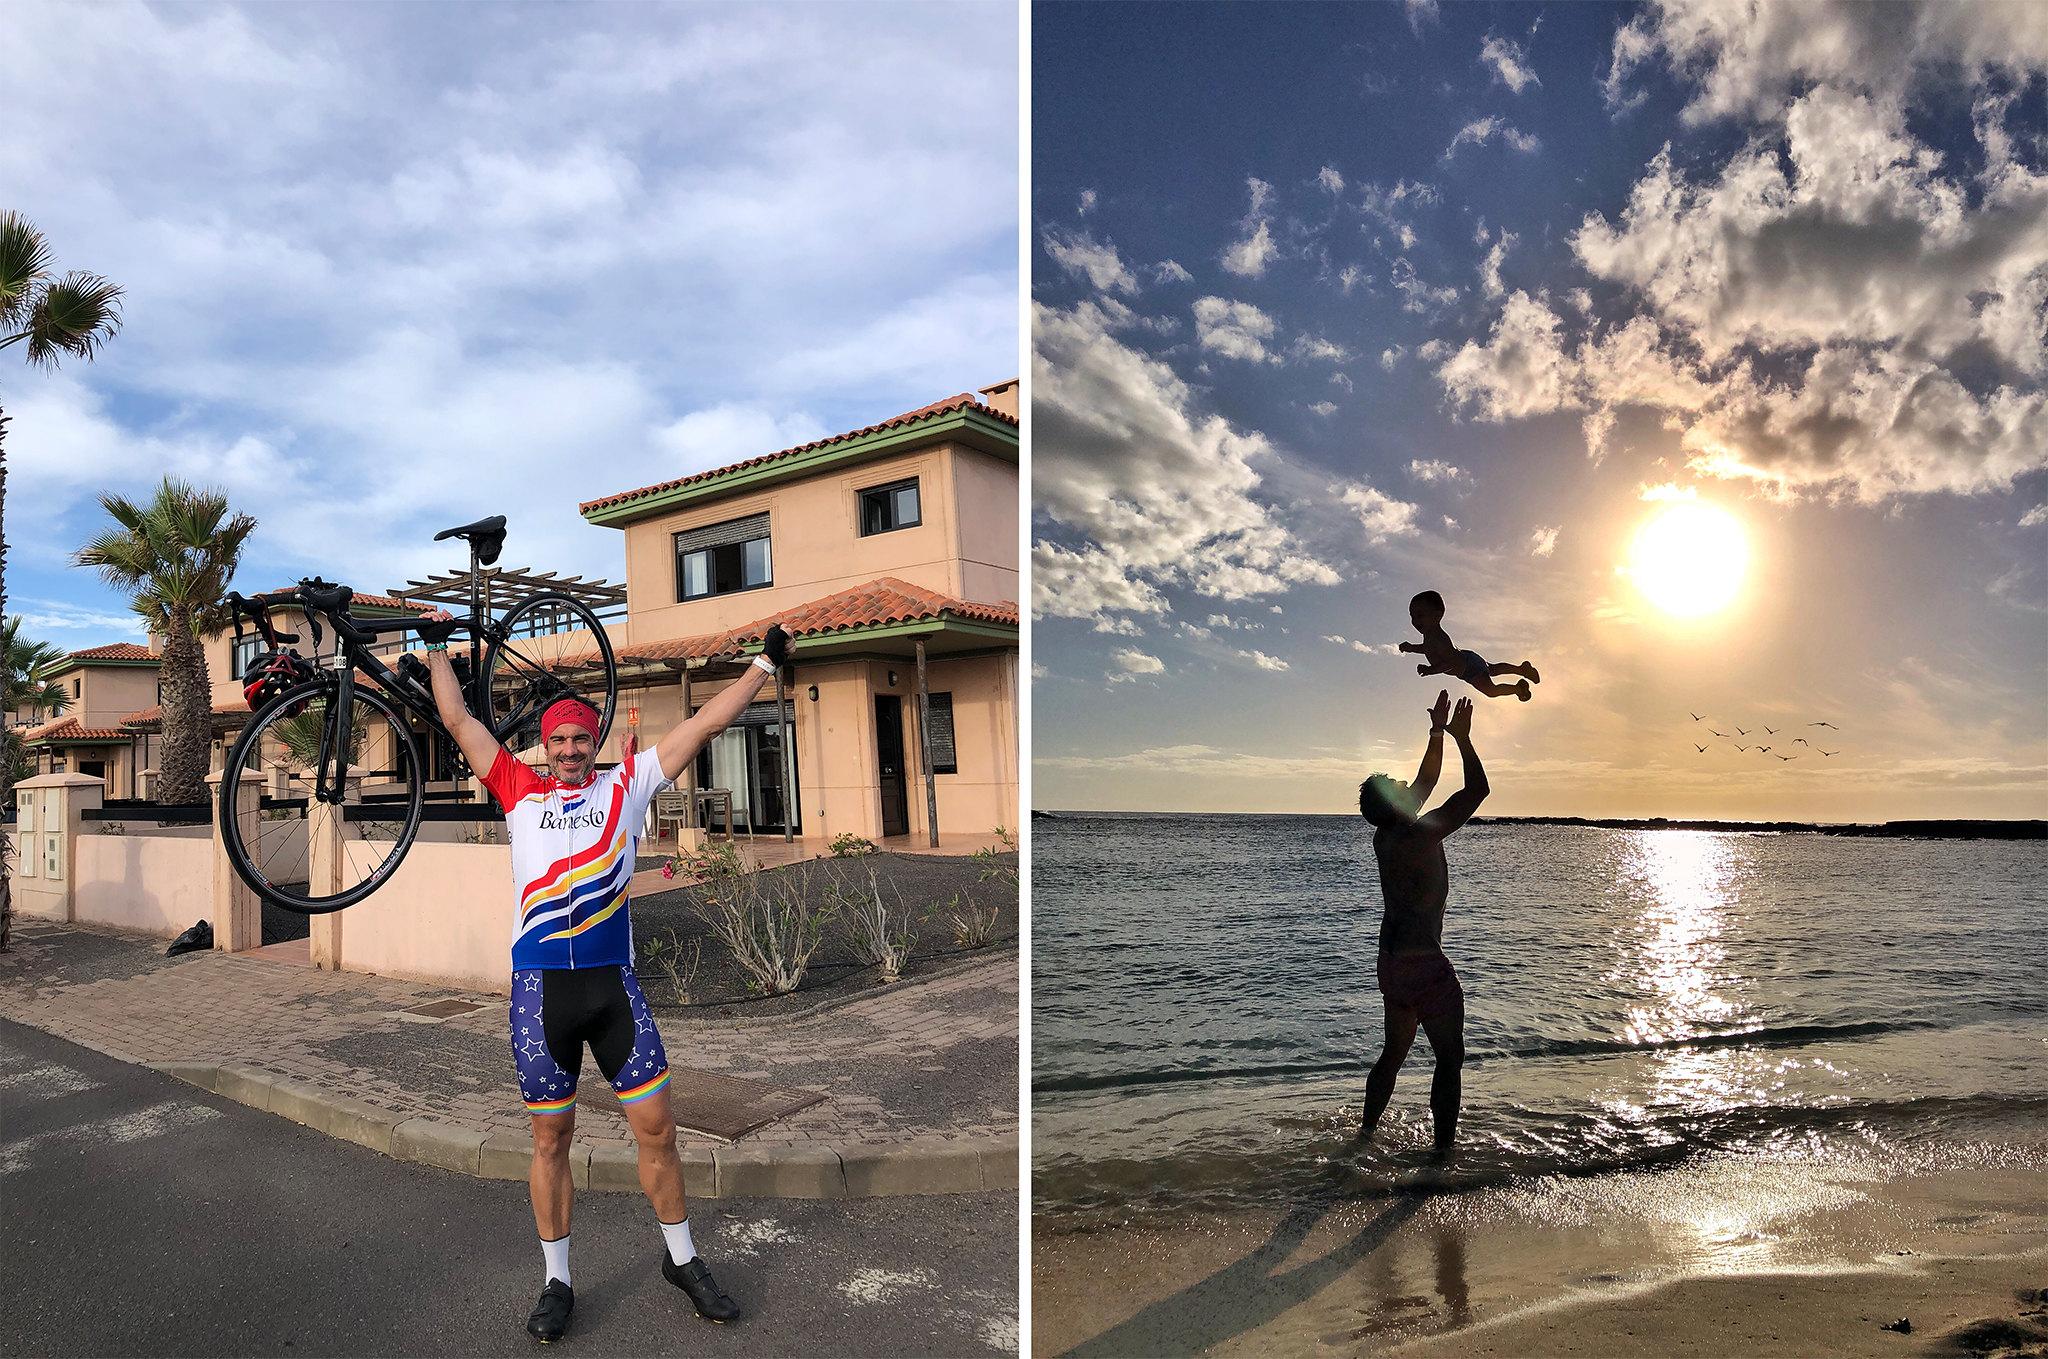 Pierre et Vacances Resort Fuerteventura Origo Mare - Thewotme